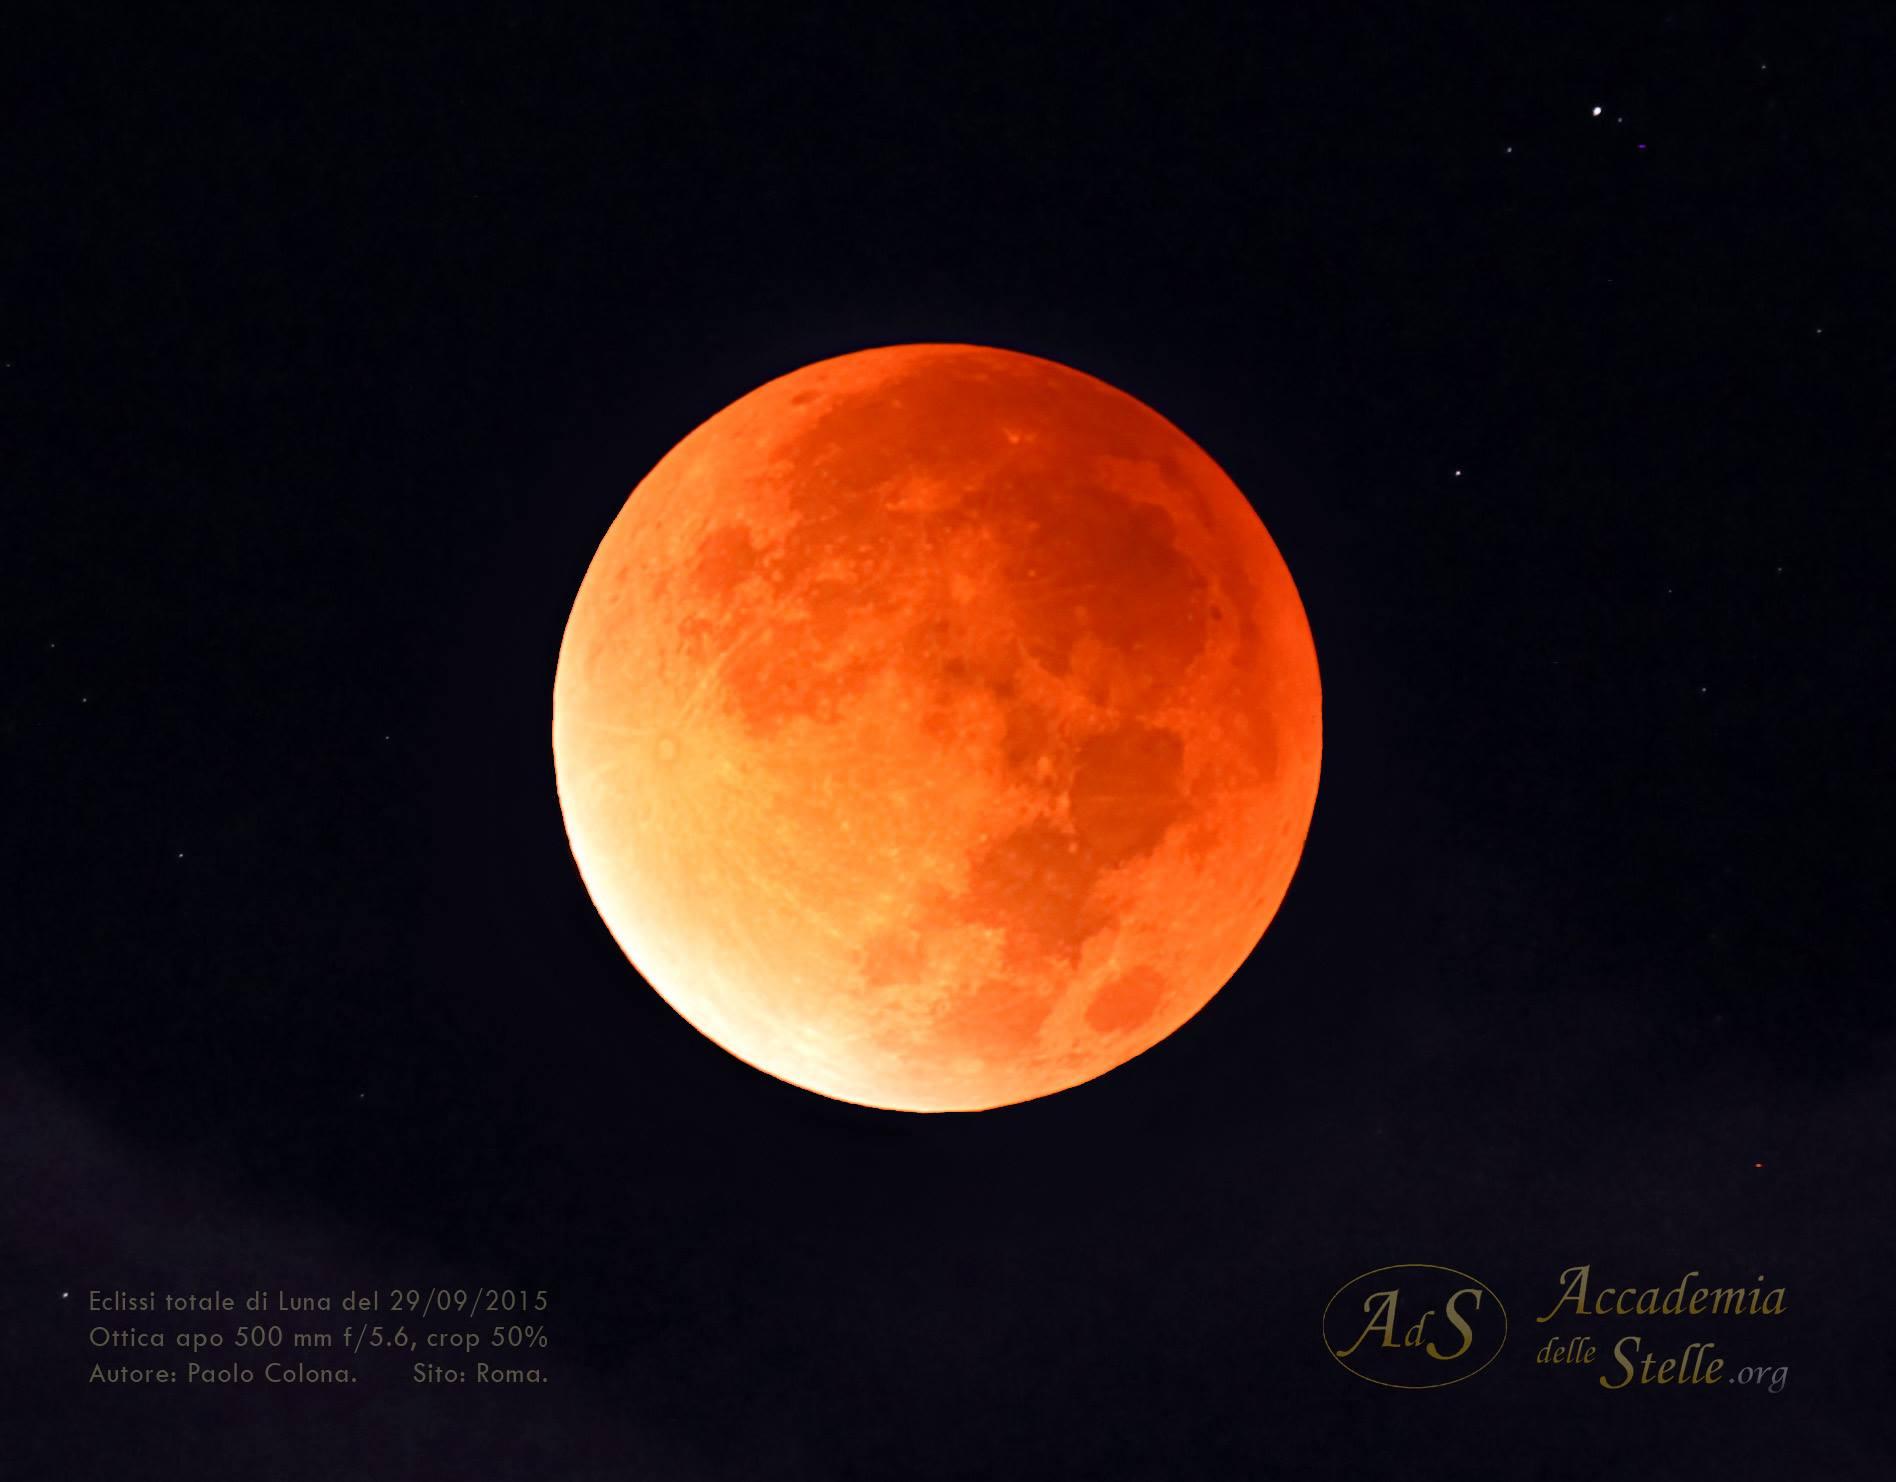 Luna Rossa Eclissi totale di Luna